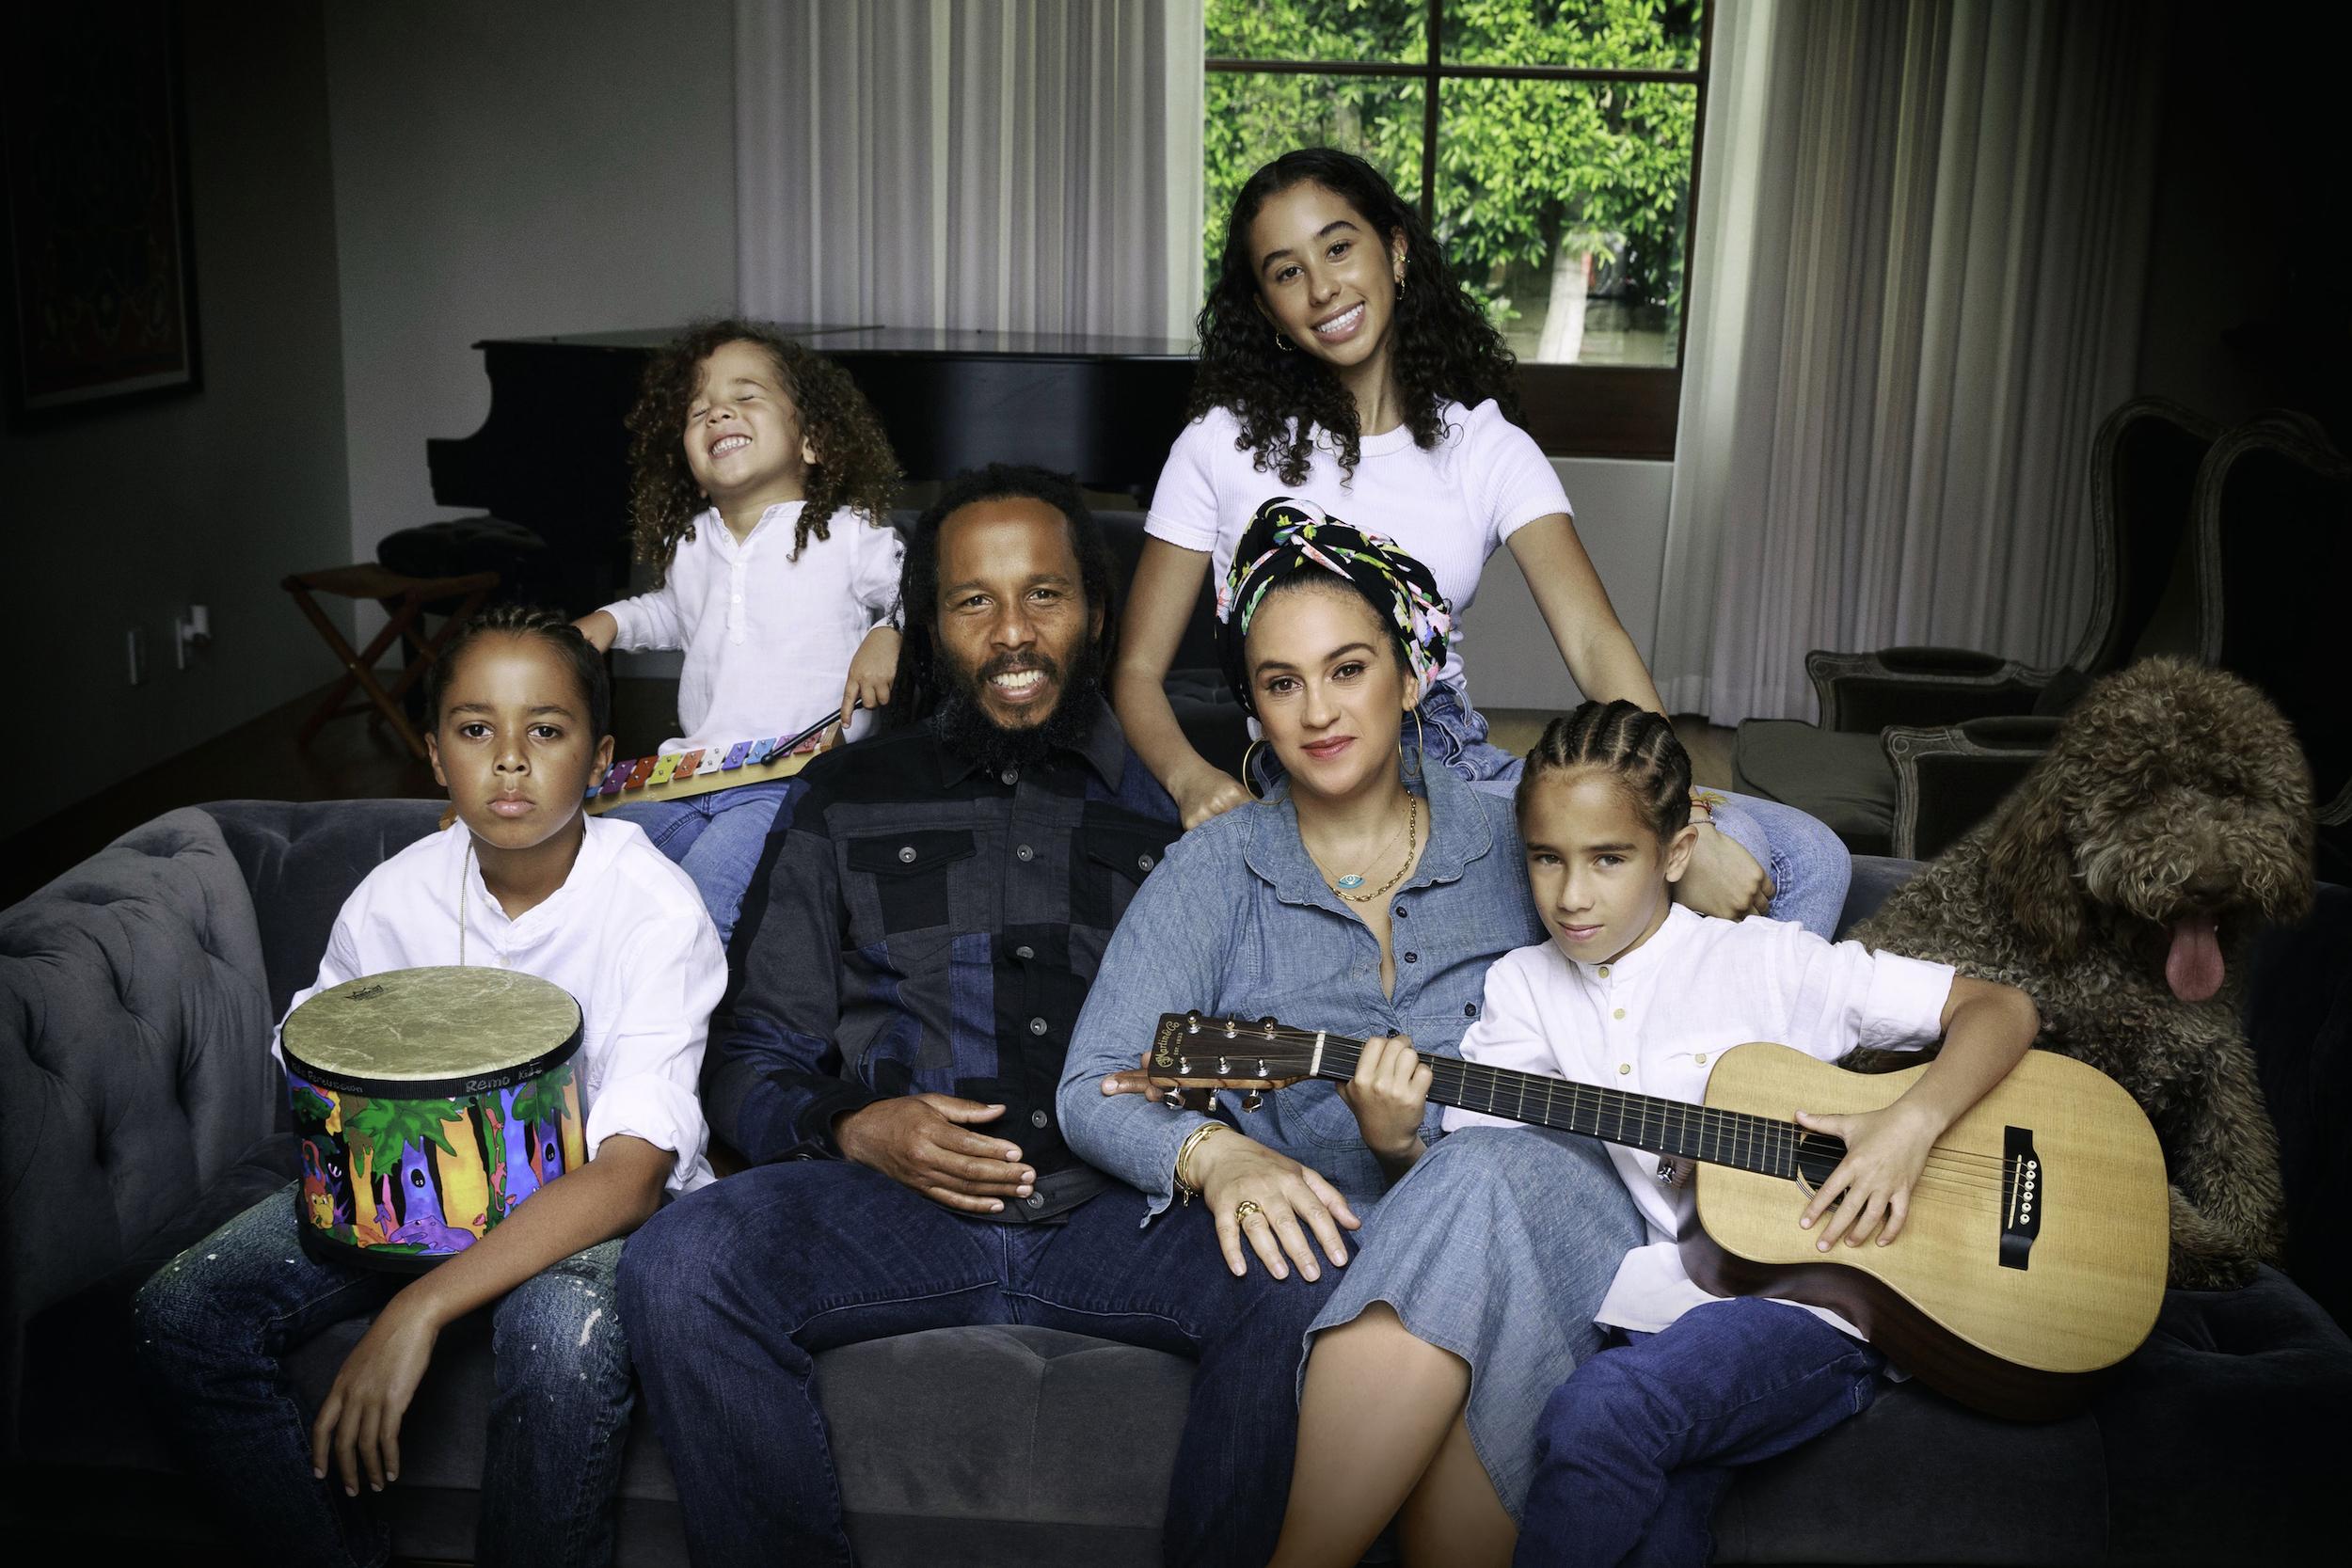 Caption: Ziggy Marley & Family